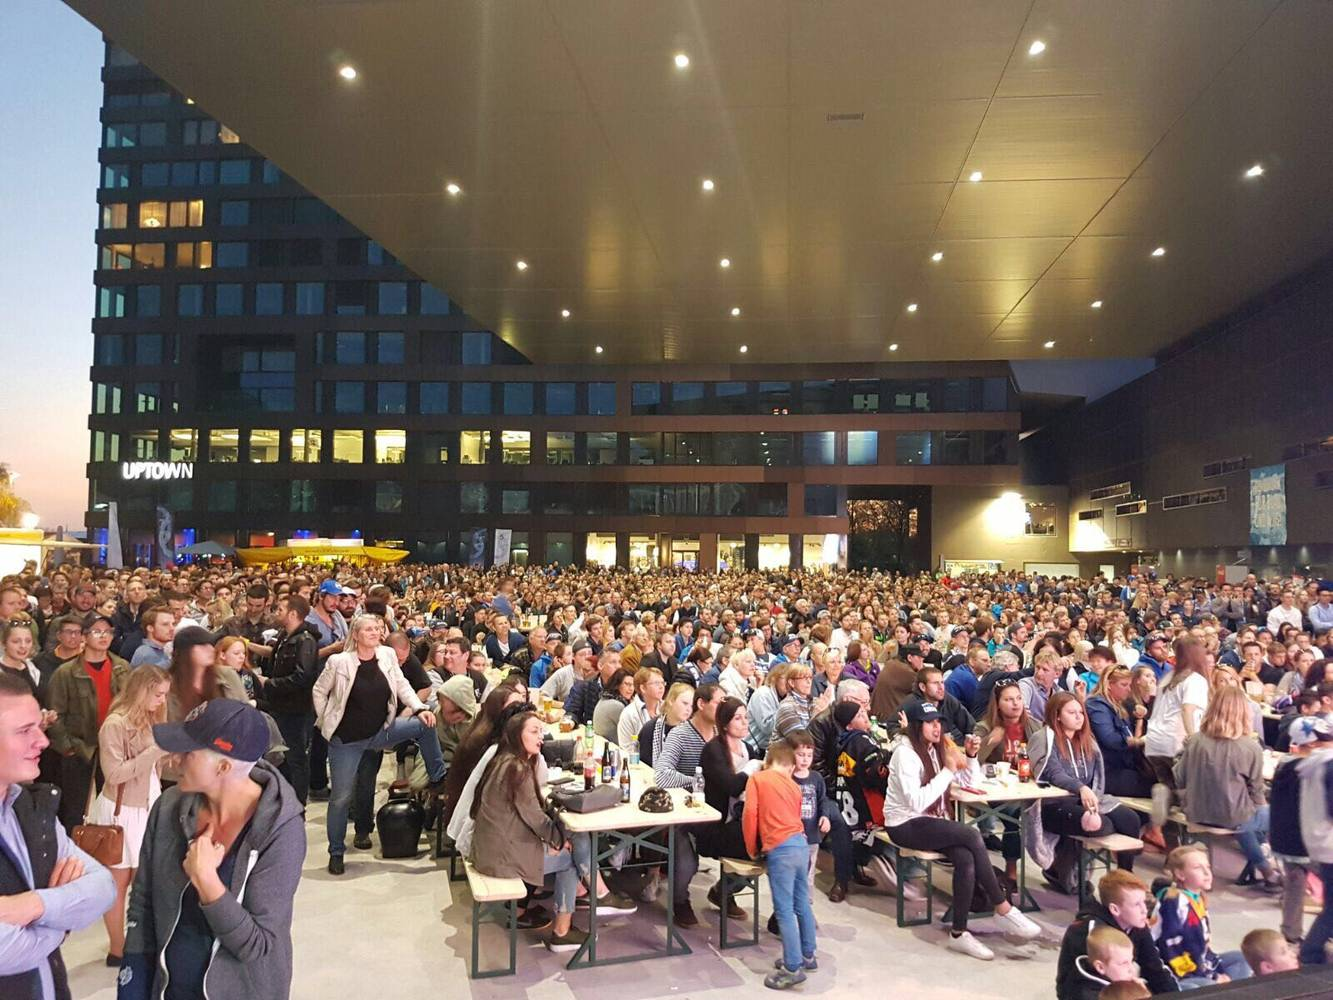 Public Viewing auf dem Arenaplatz: Auch hier können EVZ-Fans künftig von Videokameras beobachtet werden.